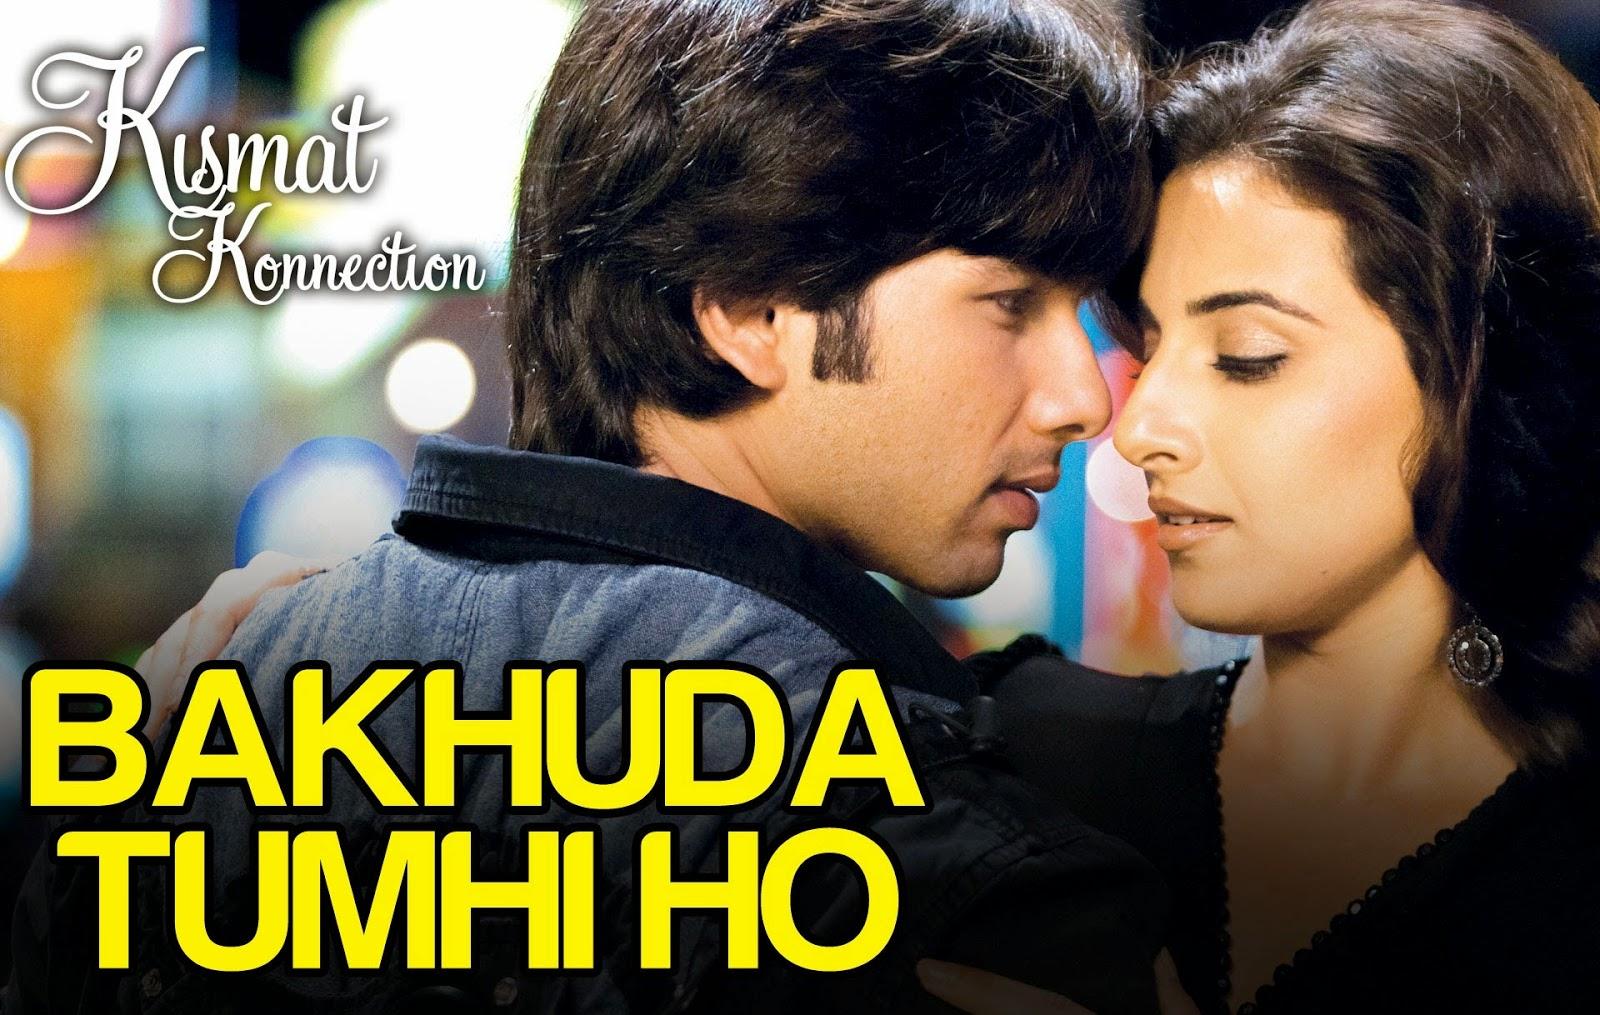 Bakhuda Tumhi Ho - Guitar chords - Kismat Konnection